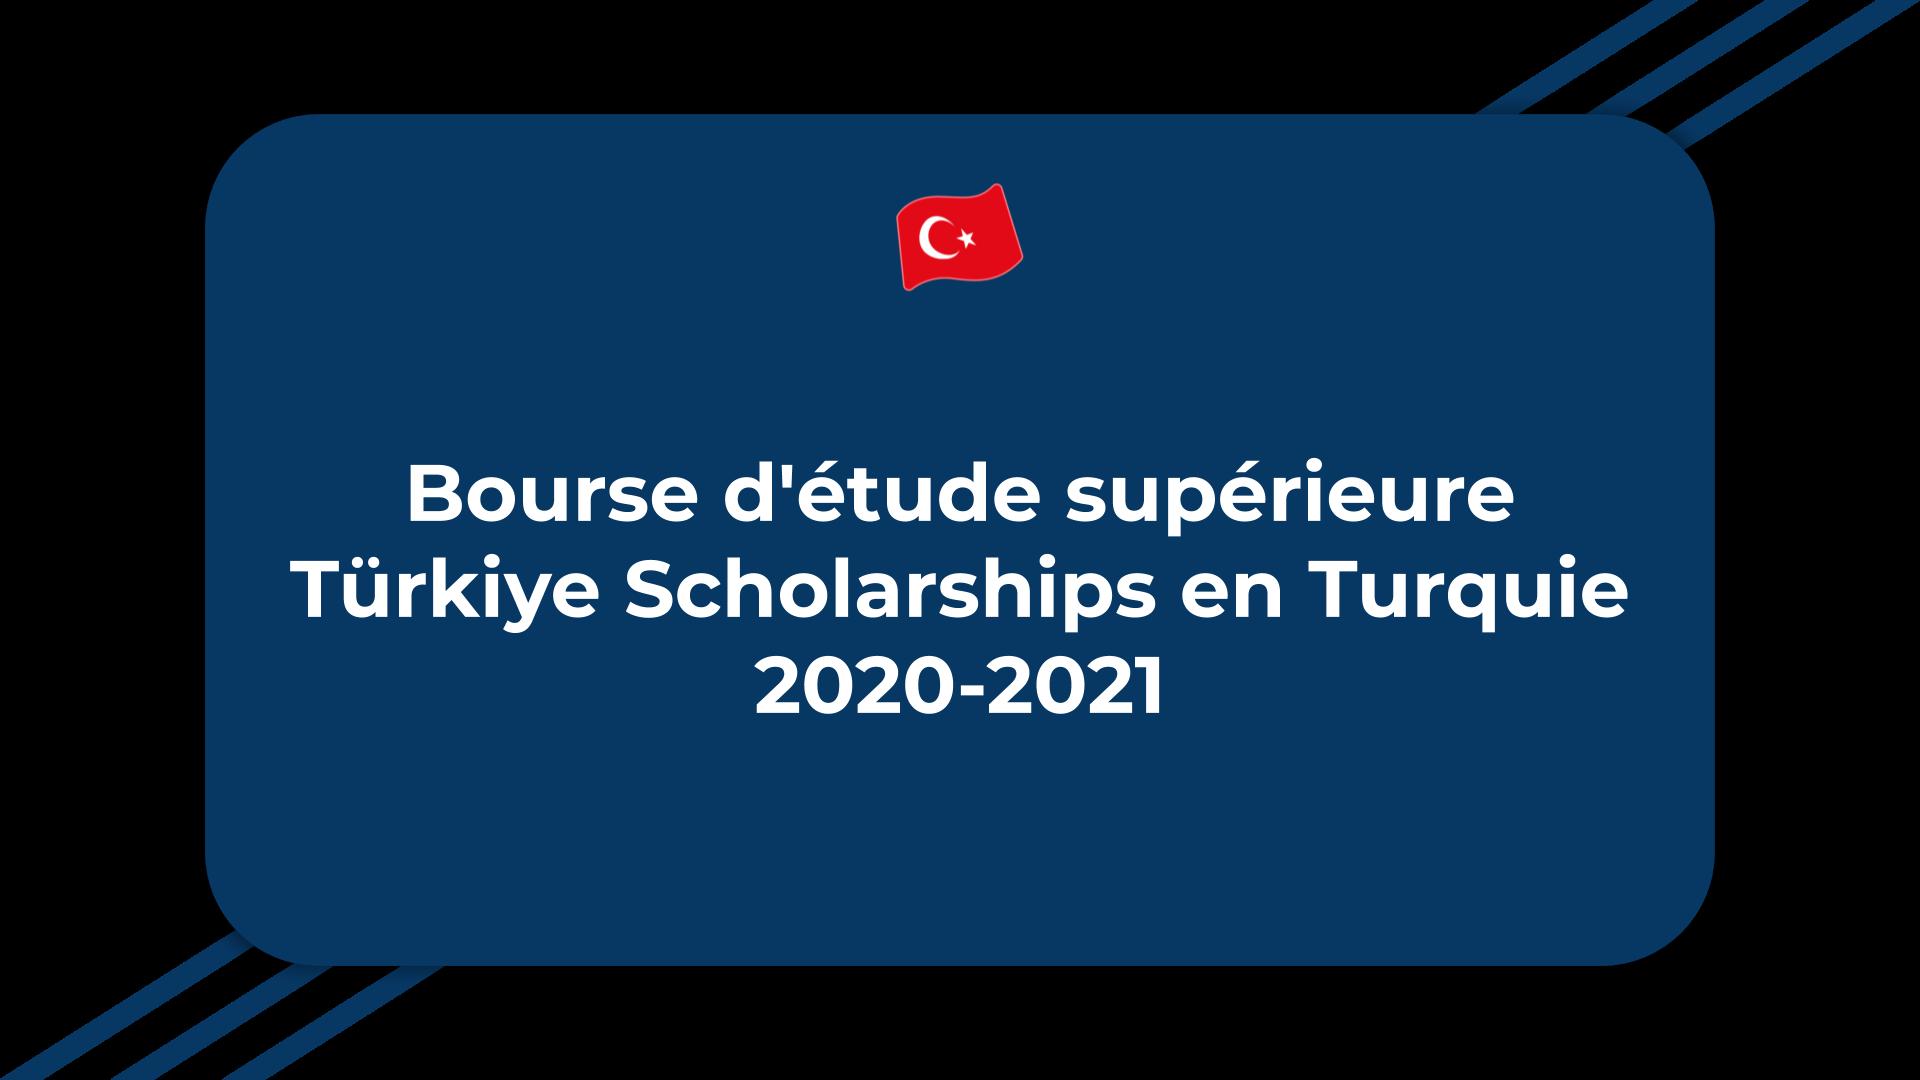 Bourse d'étude supérieure Türkiye Scholarships